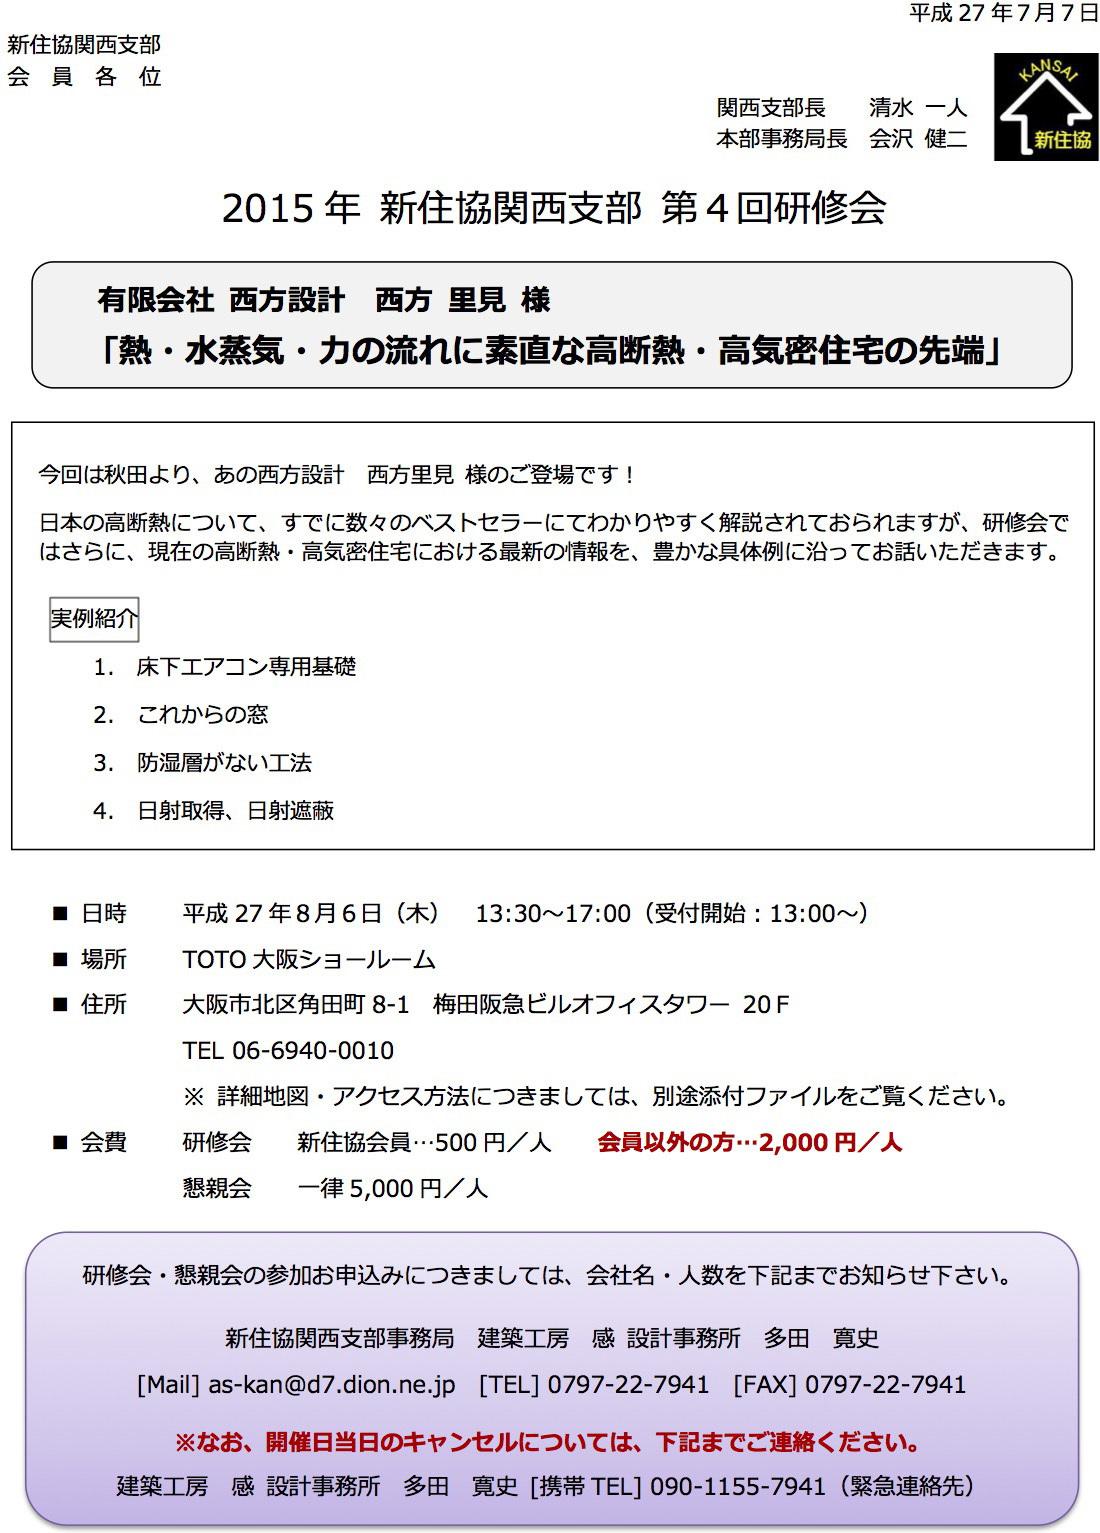 大阪:新住協関西支部 研修会講師_e0054299_15140224.jpg